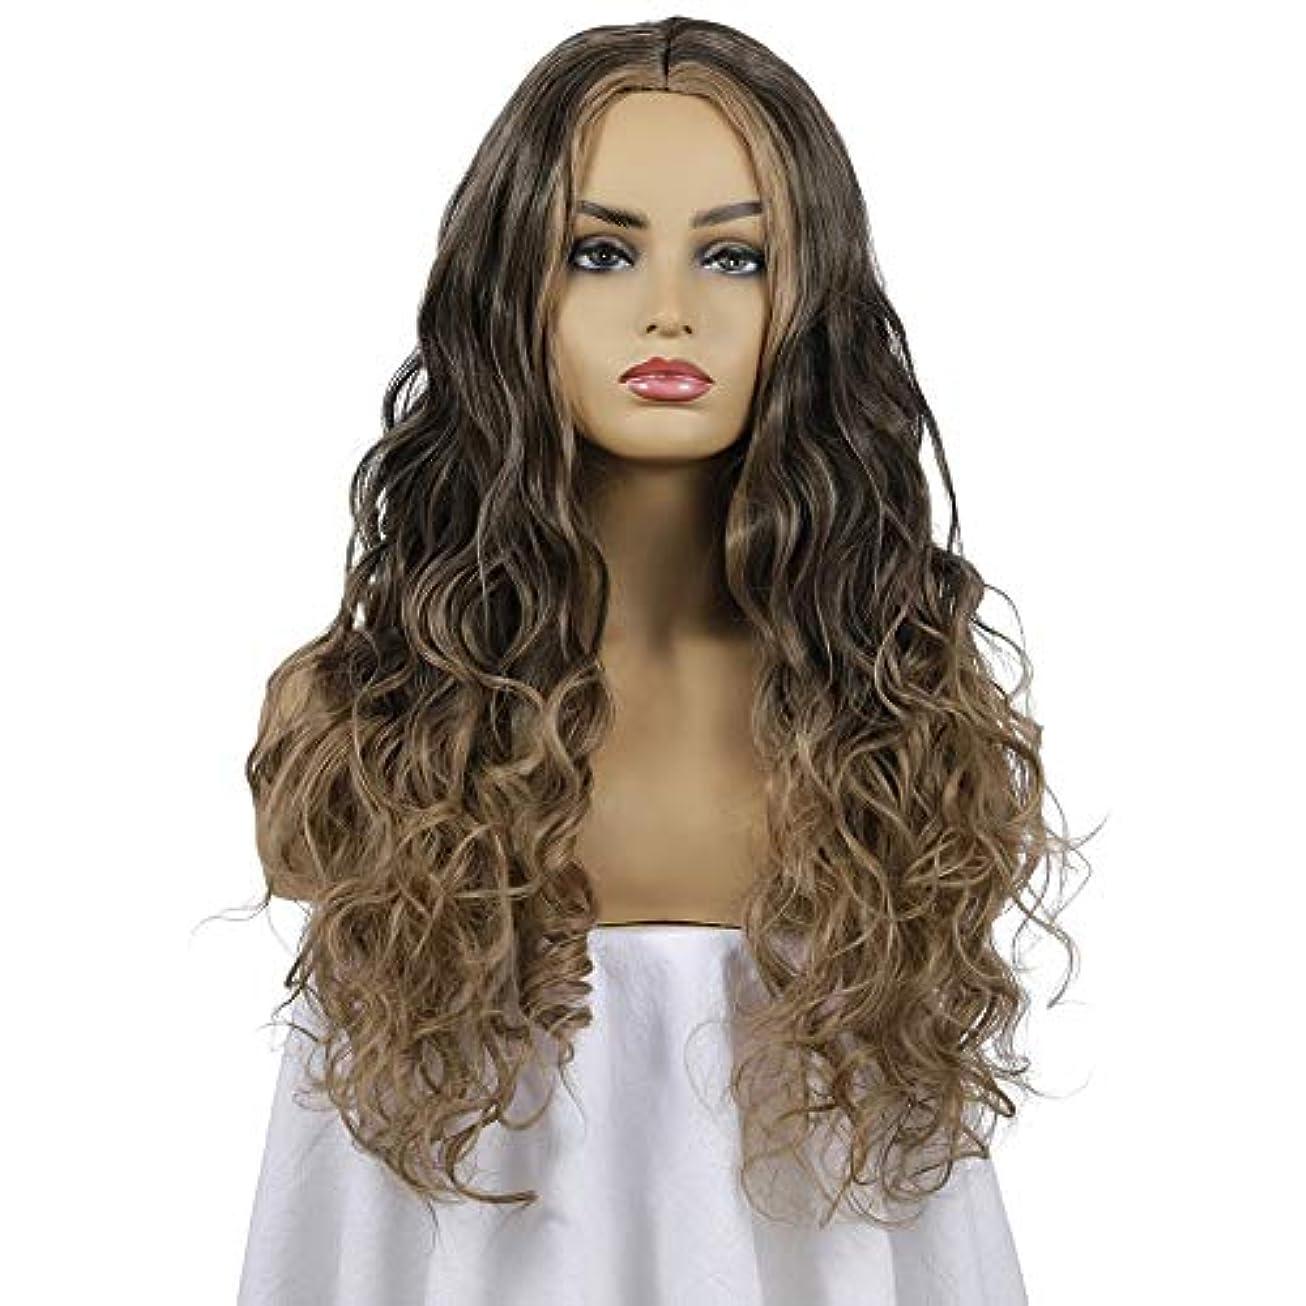 マイク息子図書館女性の長い巻き毛のウェーブのかかった髪のかつら26インチ魅力的な人工毛交換かつらと中間別れハロウィーンコスプレ衣装アニメパーティーかつら、黒と茶色のかつら